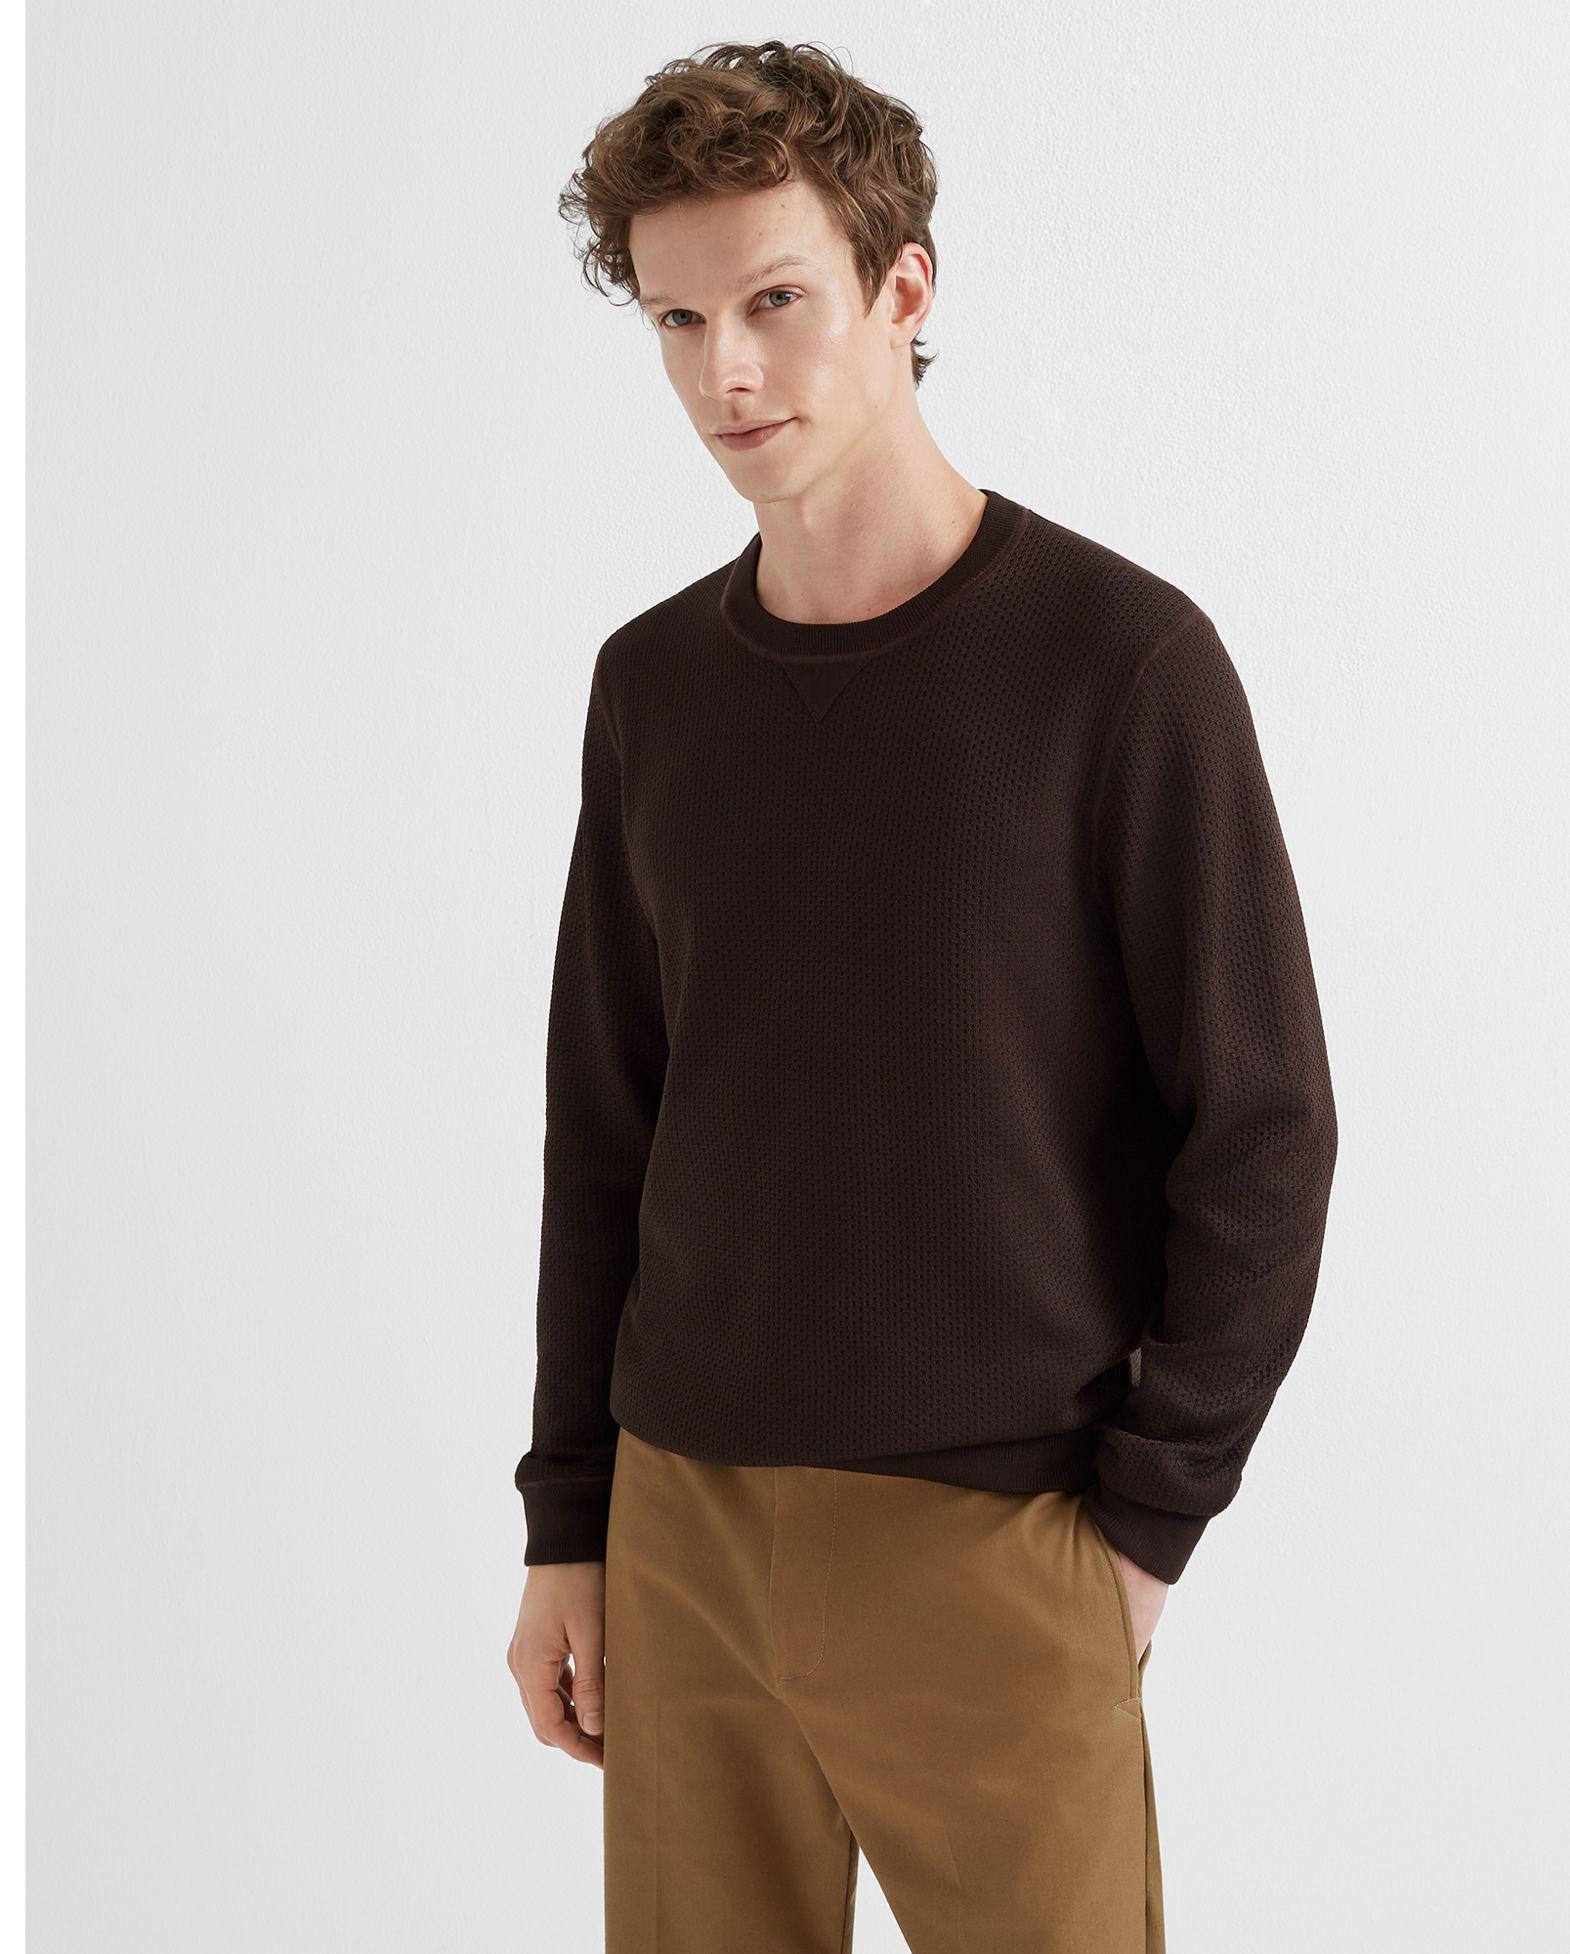 Feel Good Sweater